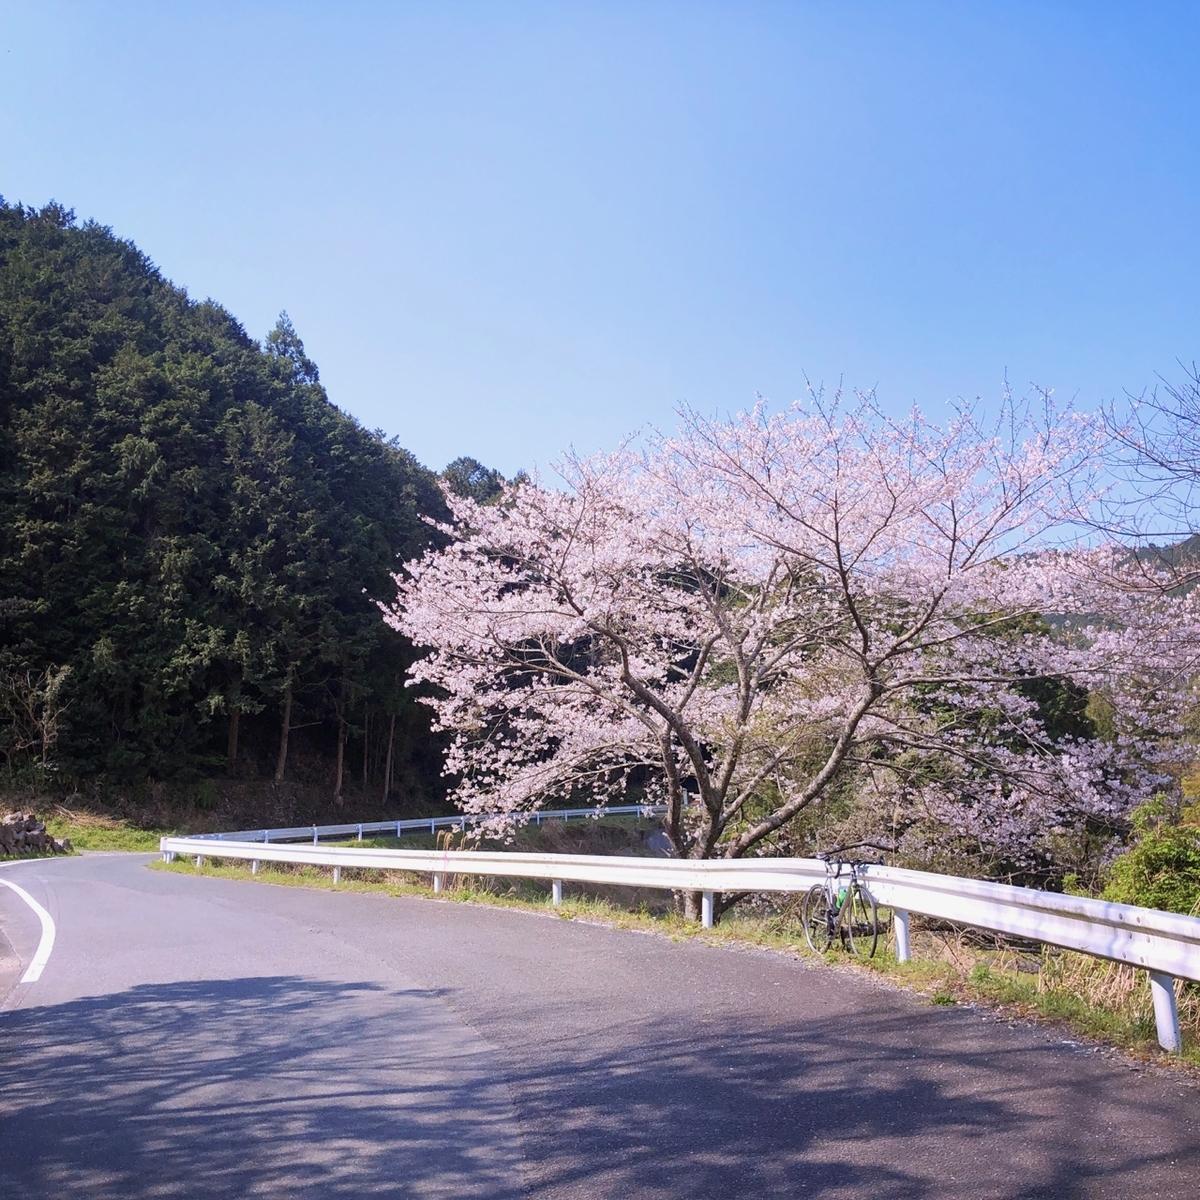 f:id:mick_kamihara:20200404094257j:plain